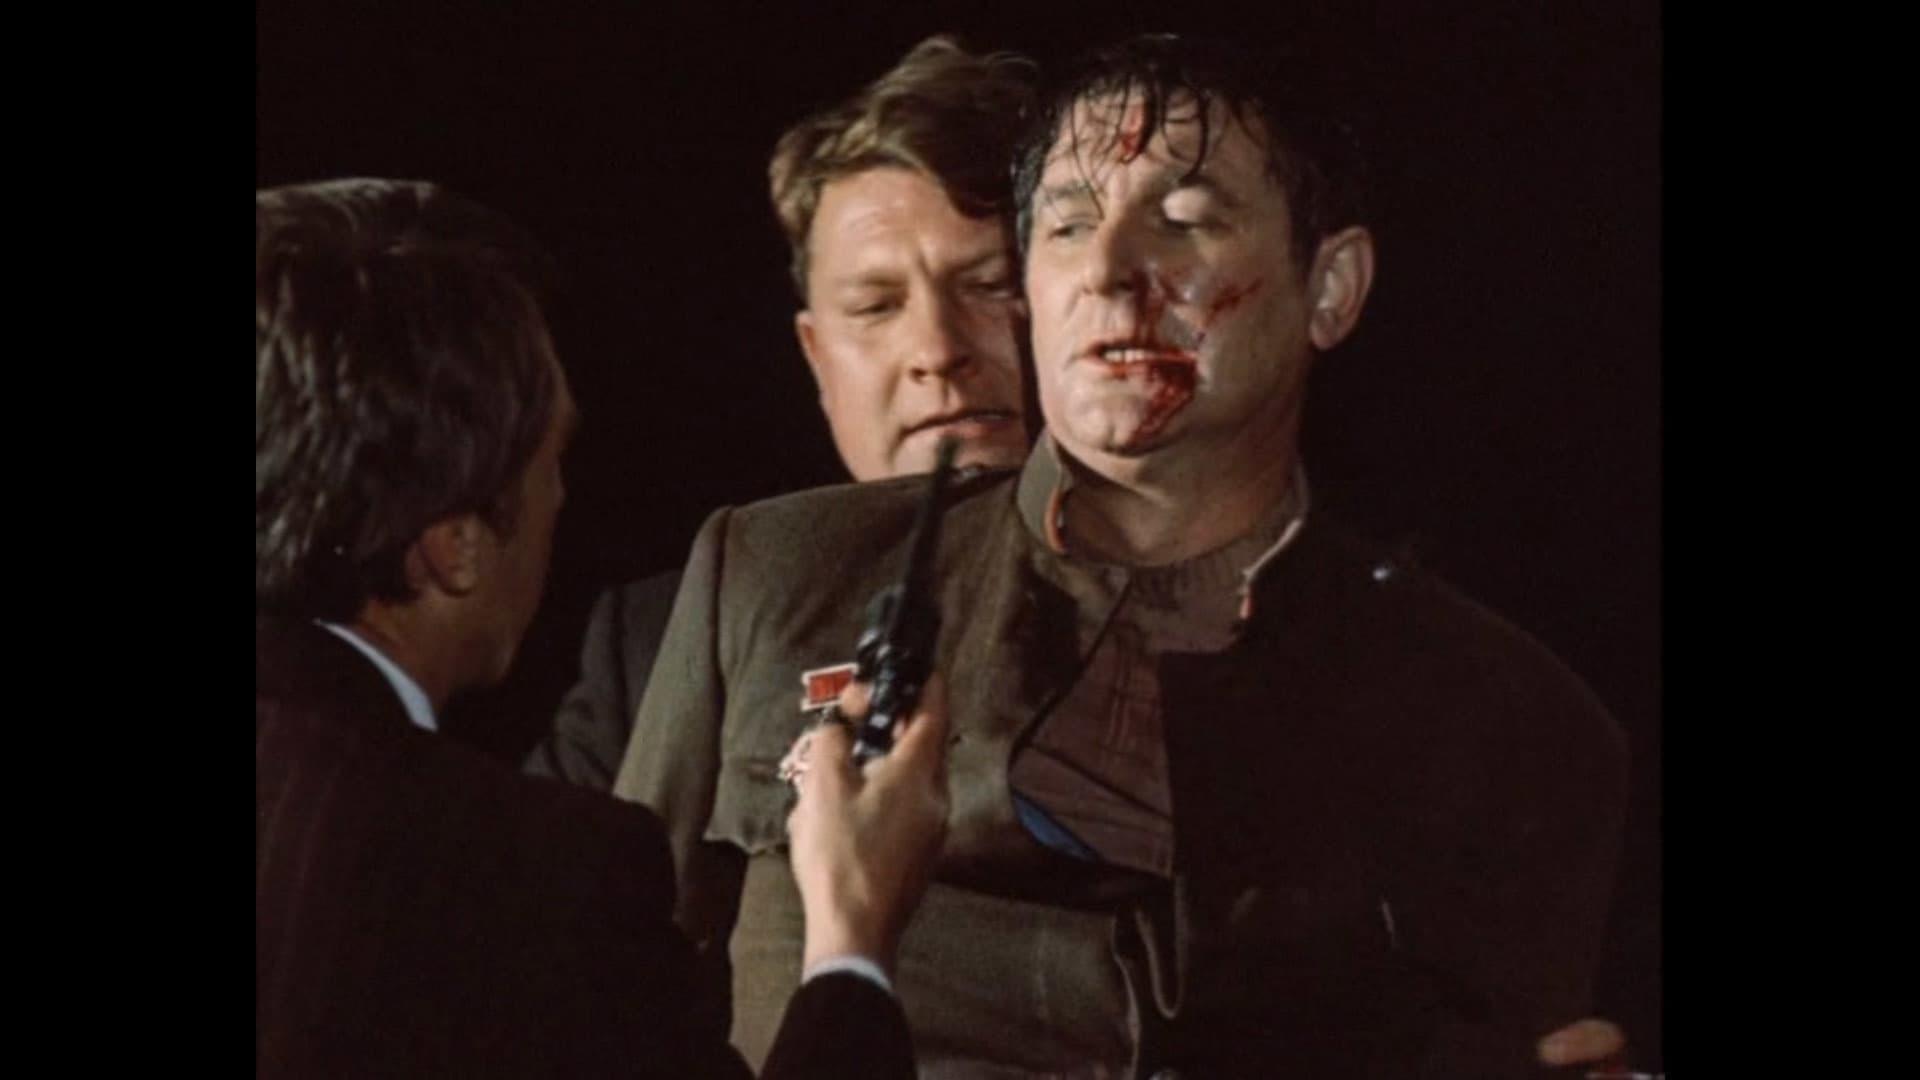 Кадры из фильма  Место встречи изменить нельзя 1979